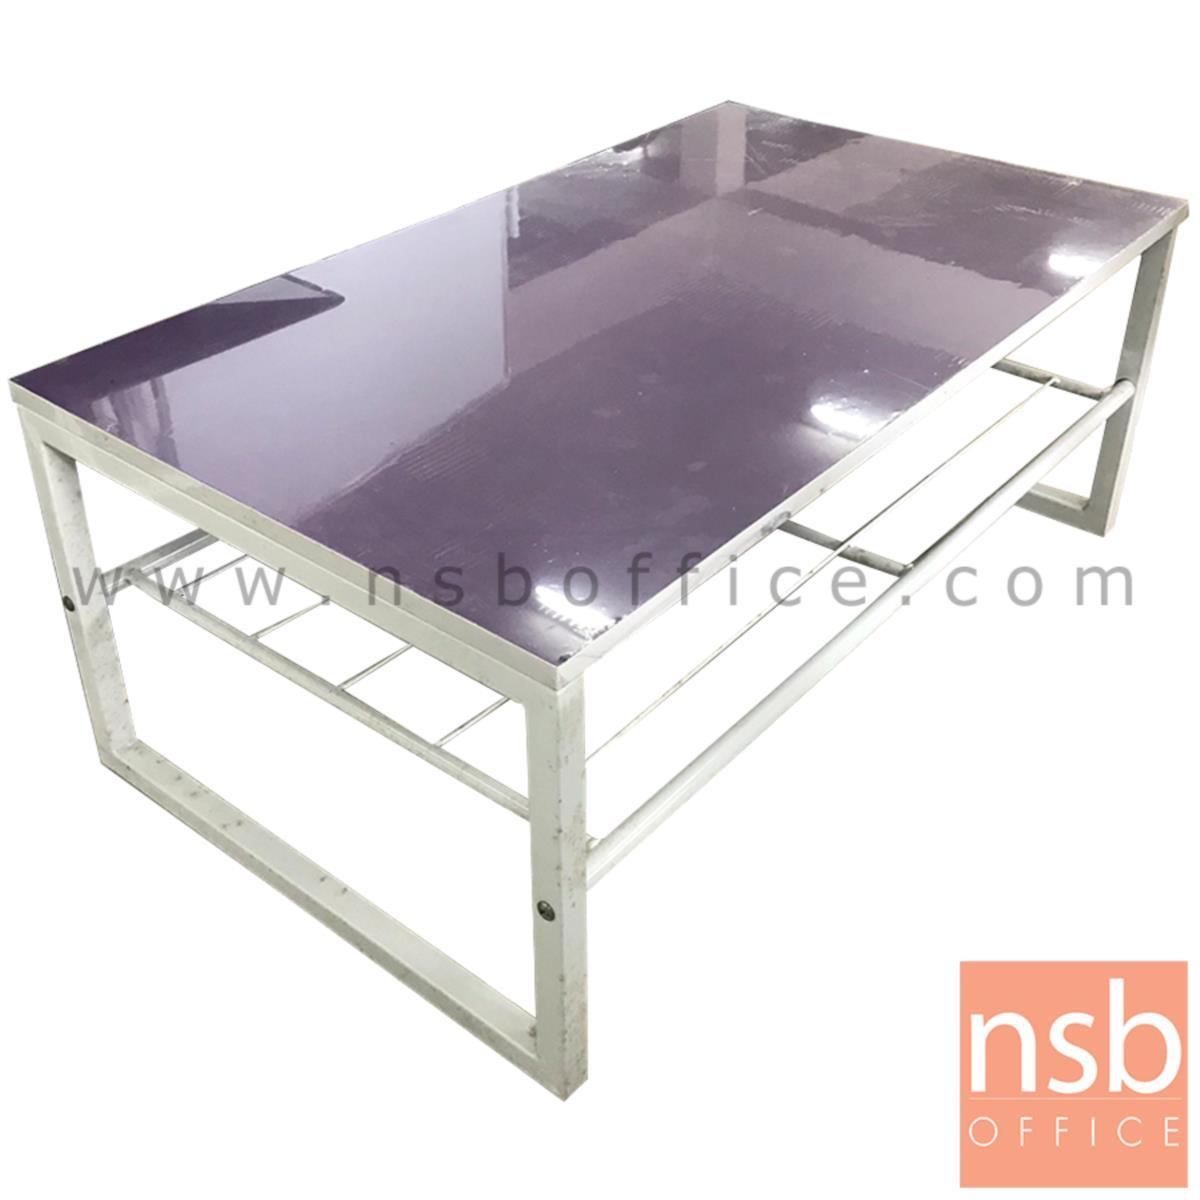 โต๊ะกลางพีวีซี TOP ม่วงอ่อน  ขนาด 92W*37.5H cm.  ขาเหล็กพ่นสีขาว